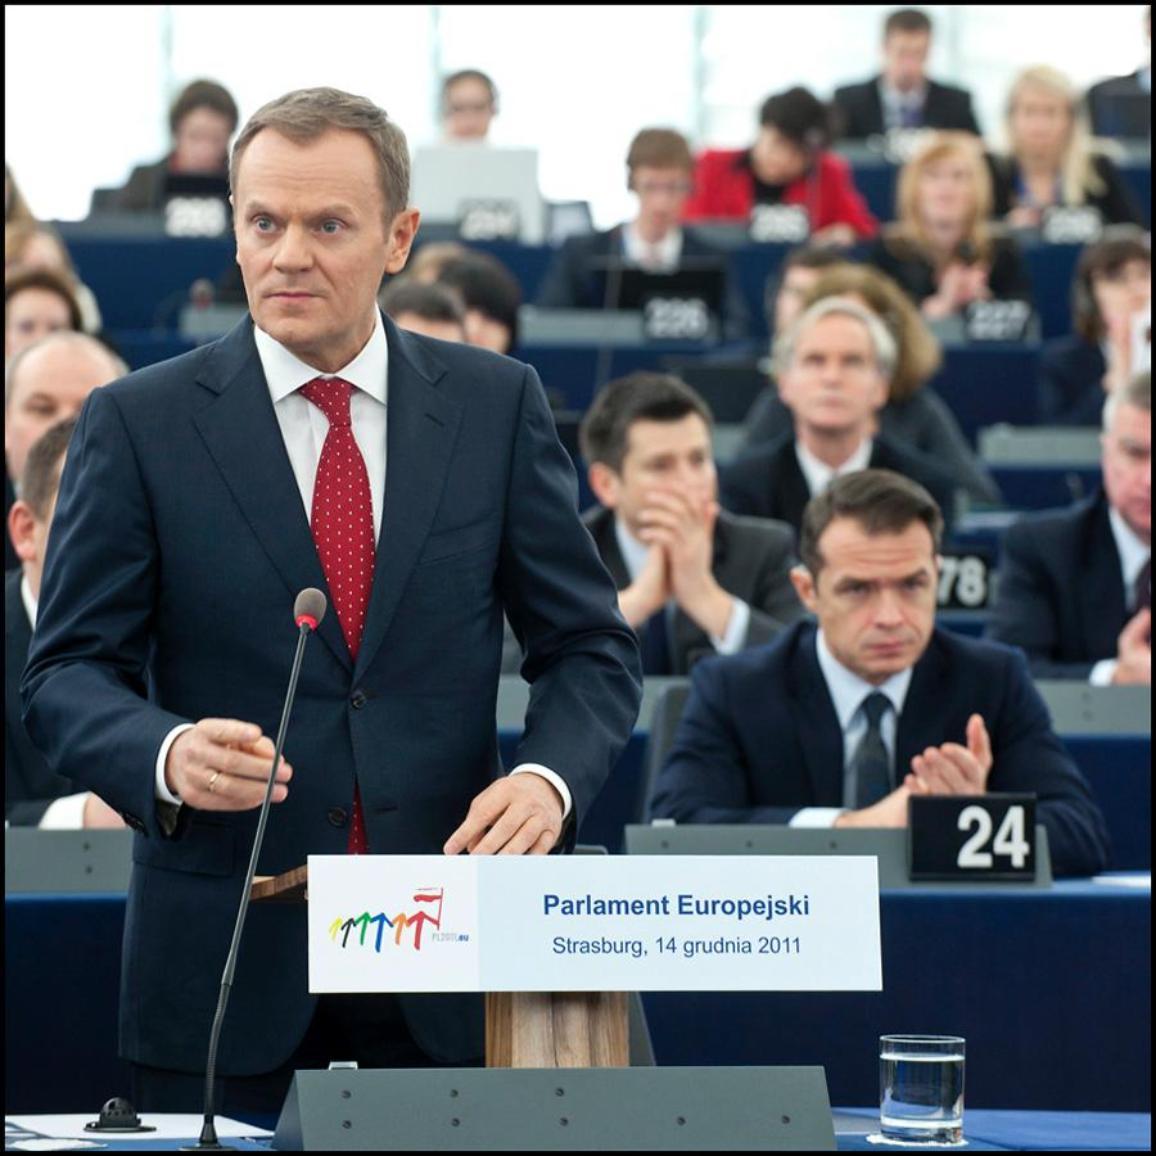 Le Premier ministre polonais, Donald Tusk, a dressé le bilan de la présidence polonaise du Conseil de l'UE.